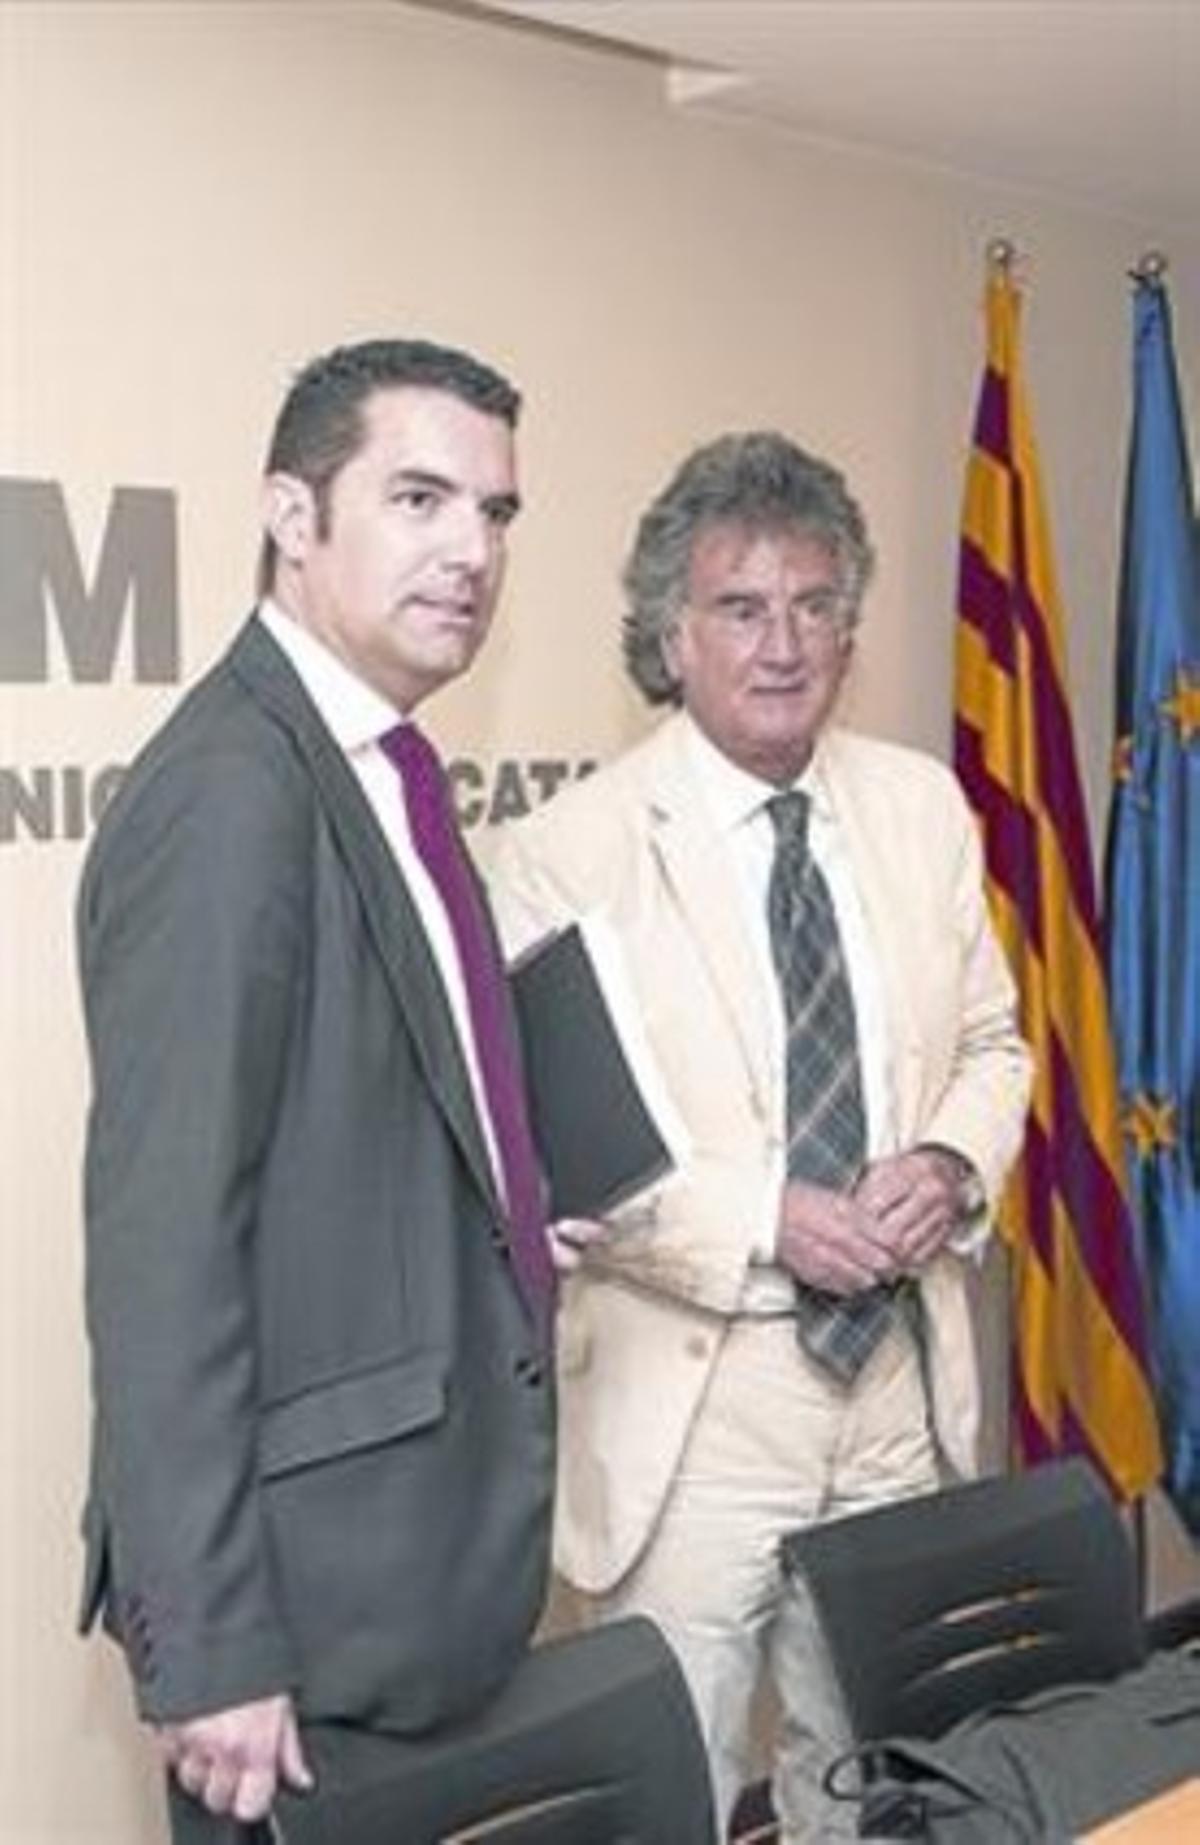 El presidente de la FMC y alcalde de Pineda de Mar, el socialista Xavier Amor, a la izquierda.